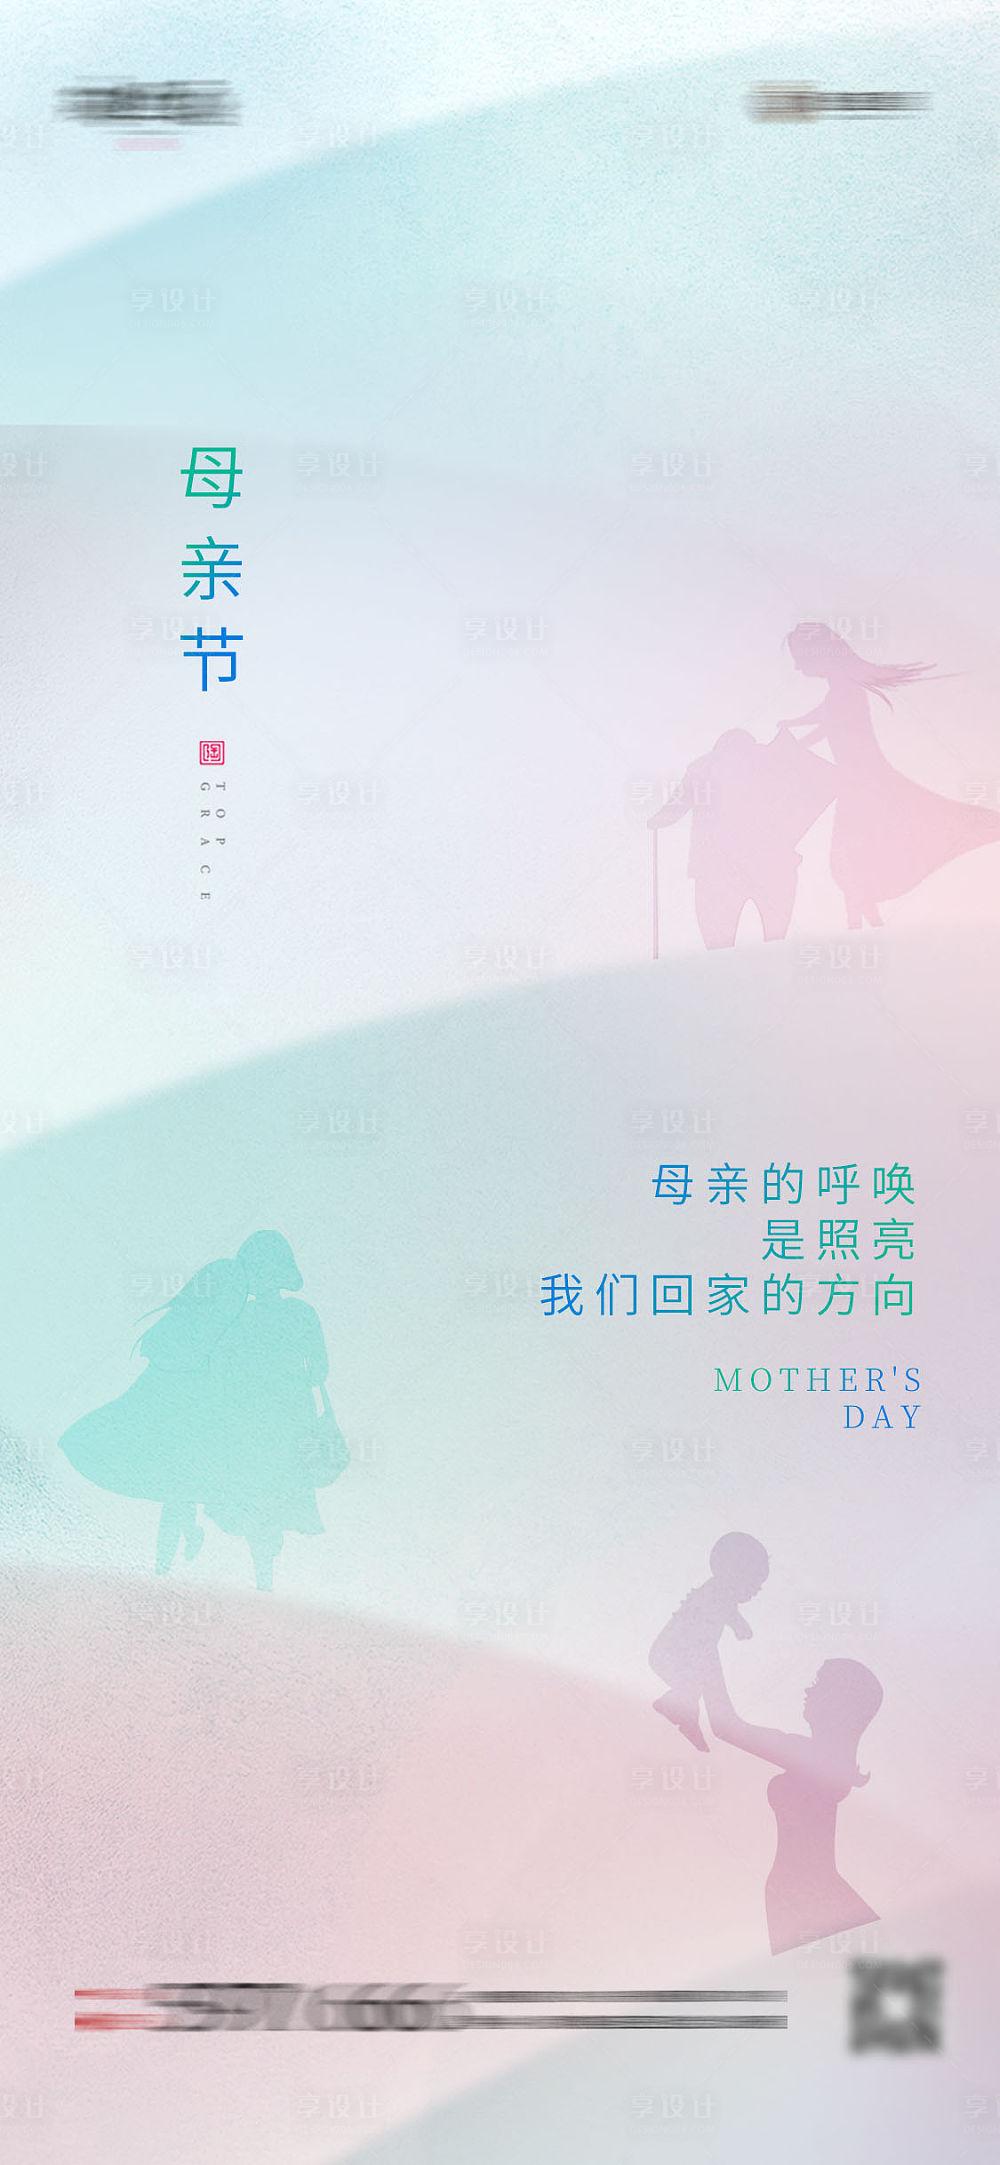 【源文件下载】 海报 地产 公历节日 西方节日 母亲节 母亲 妈妈 剪影 温馨 炫彩设计作品 设计图集